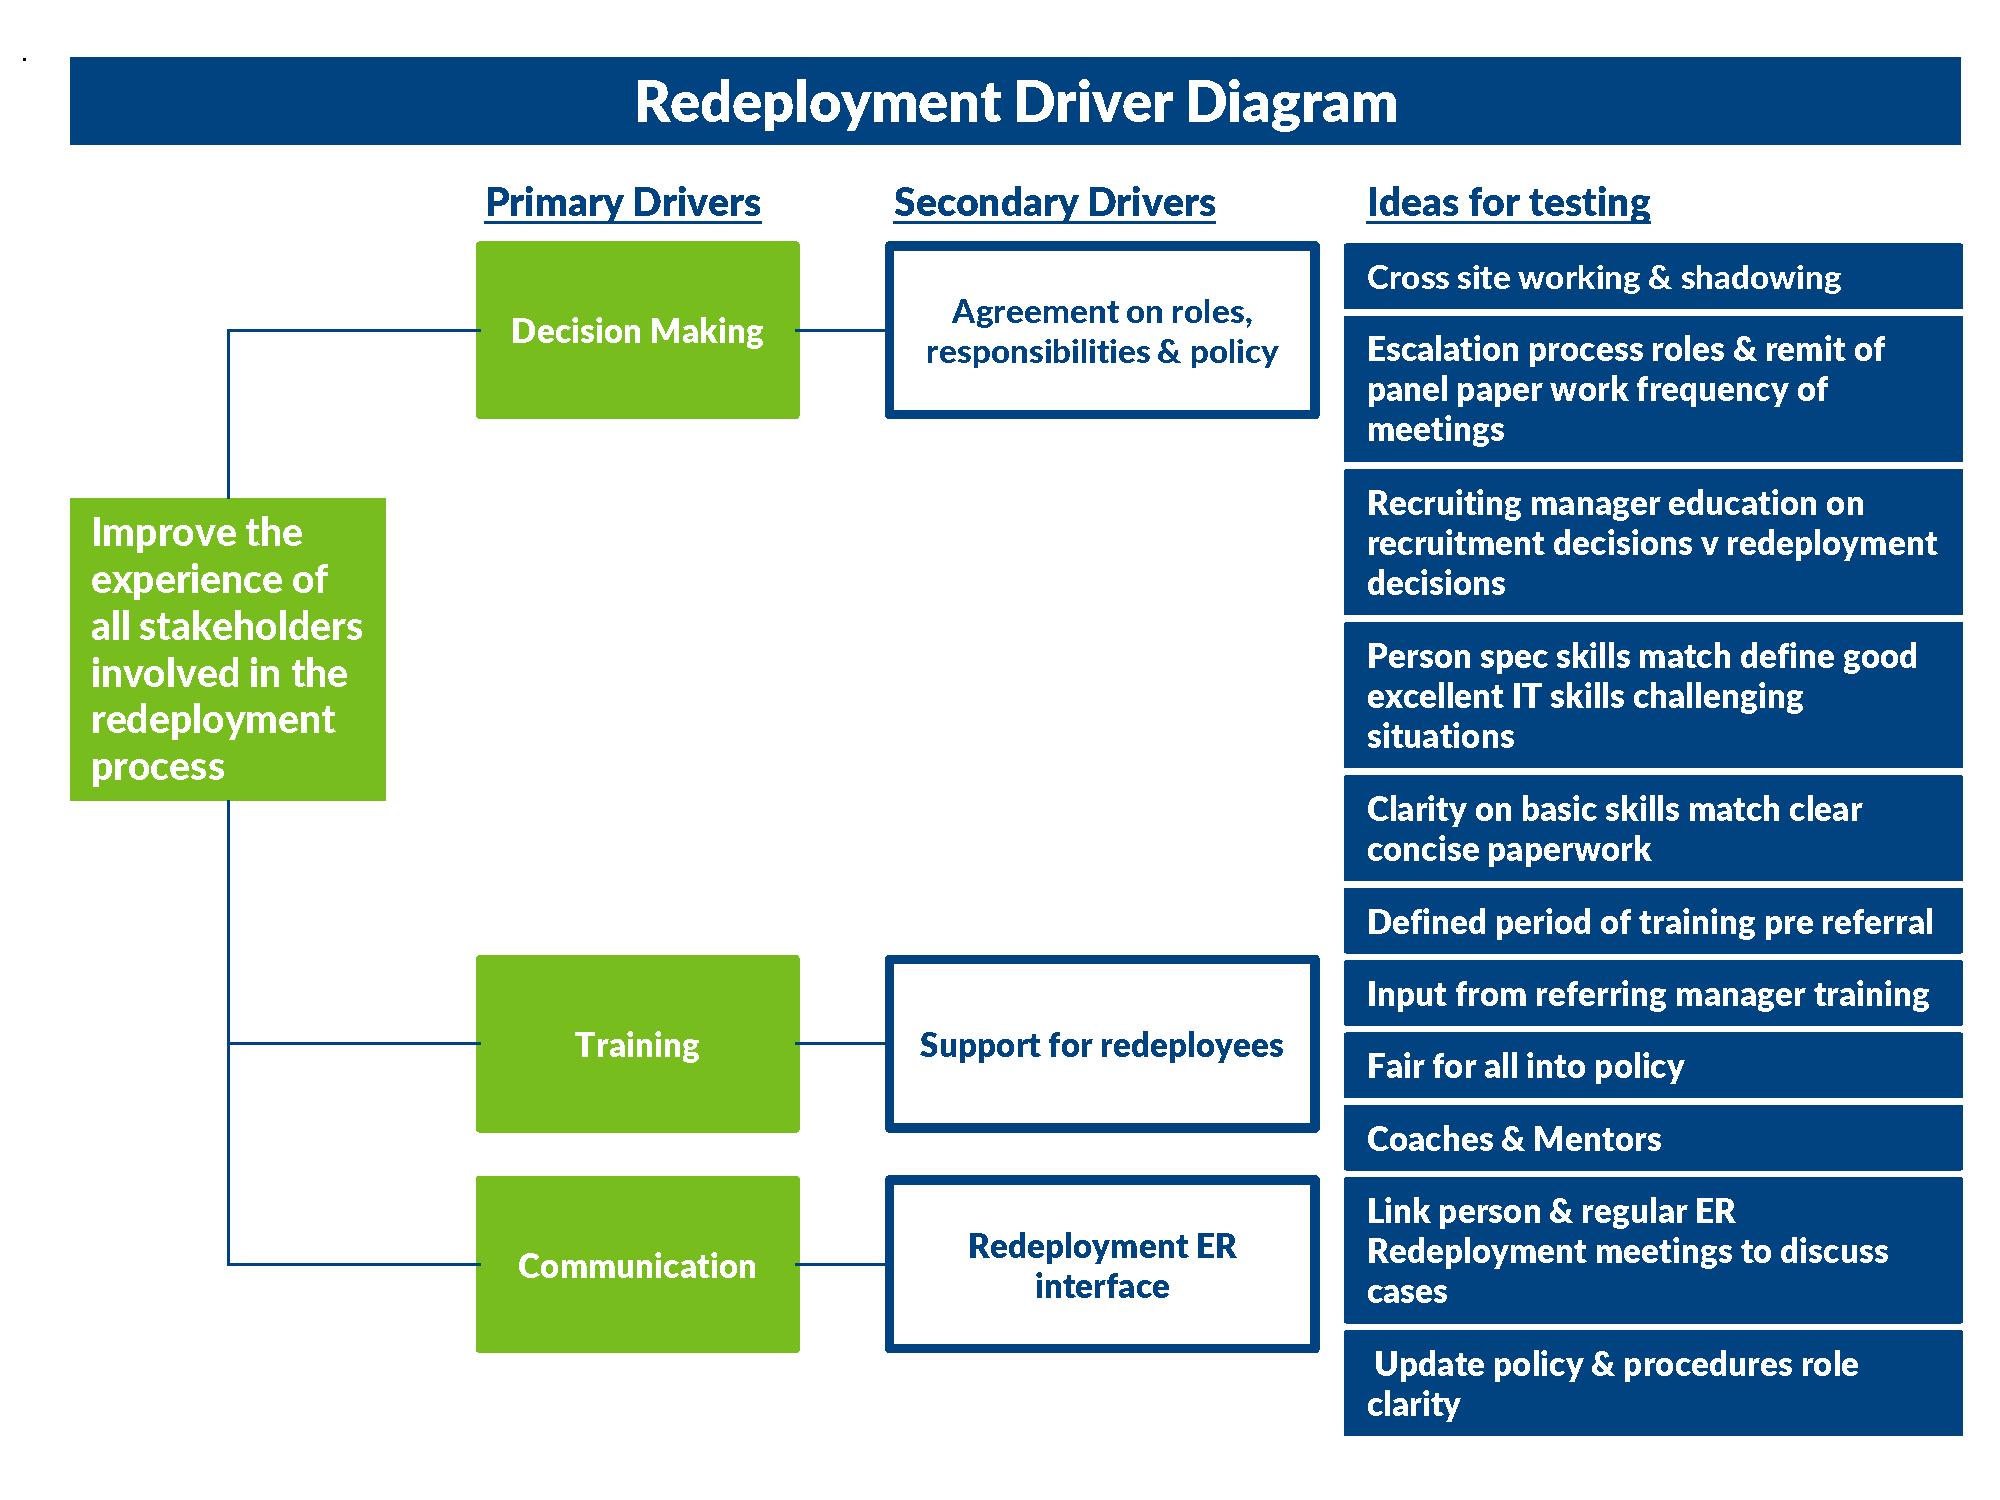 Driver Diagram.png